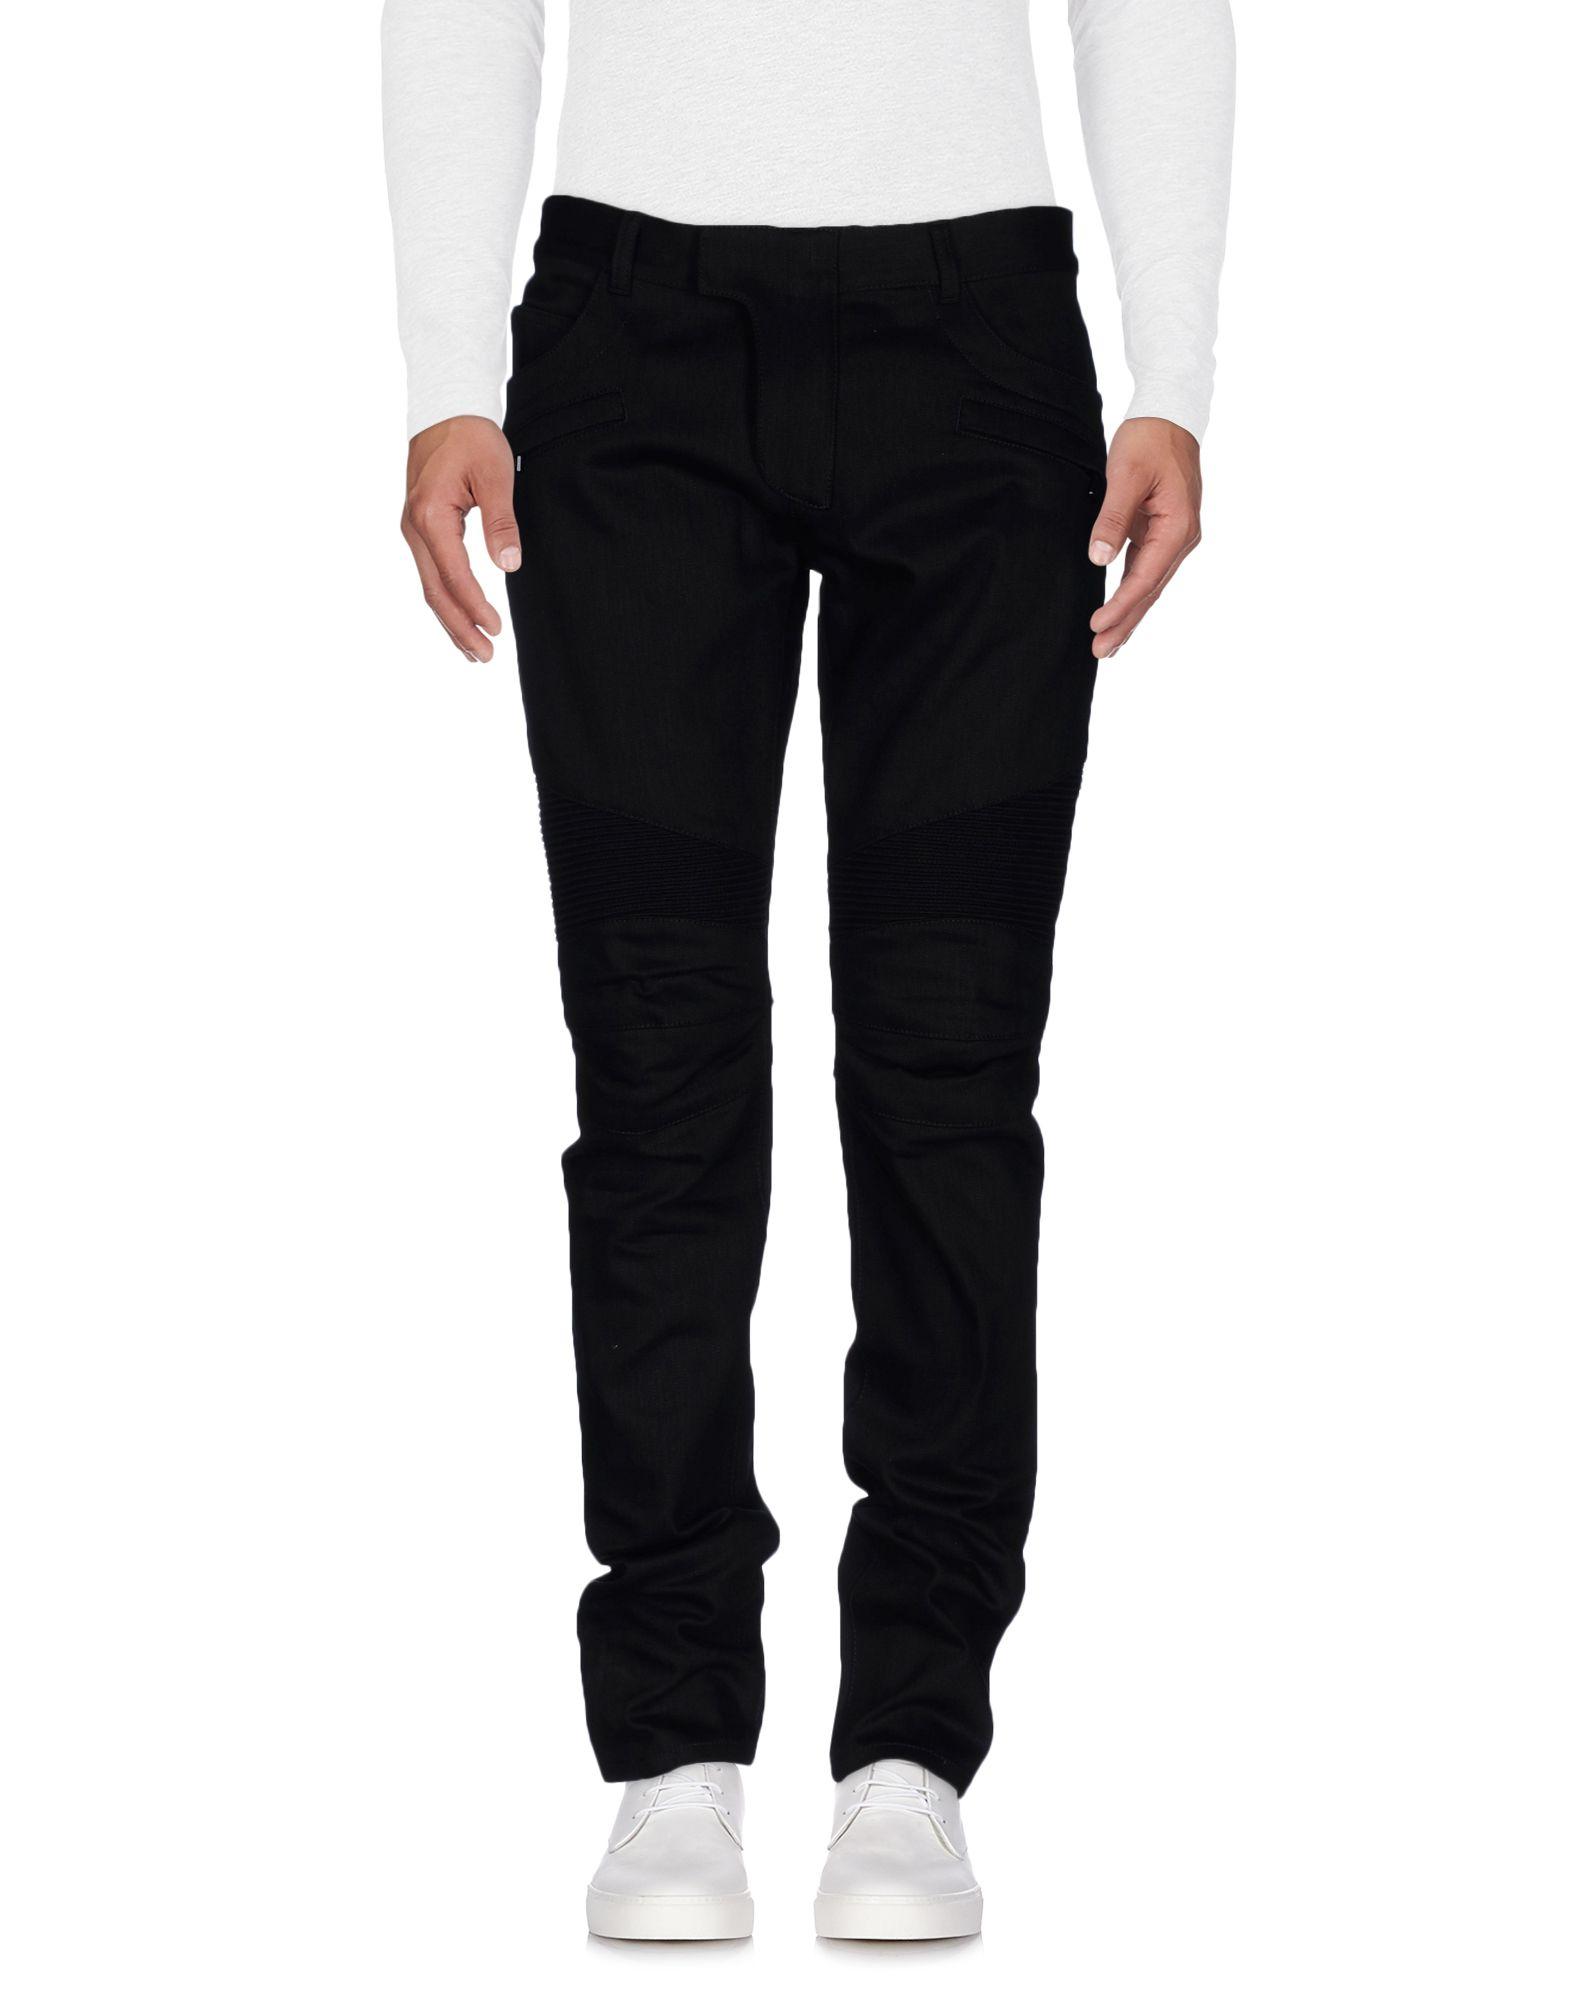 Pantaloni Jeans Jeans Jeans Balmain uomo - 42600749NL 899